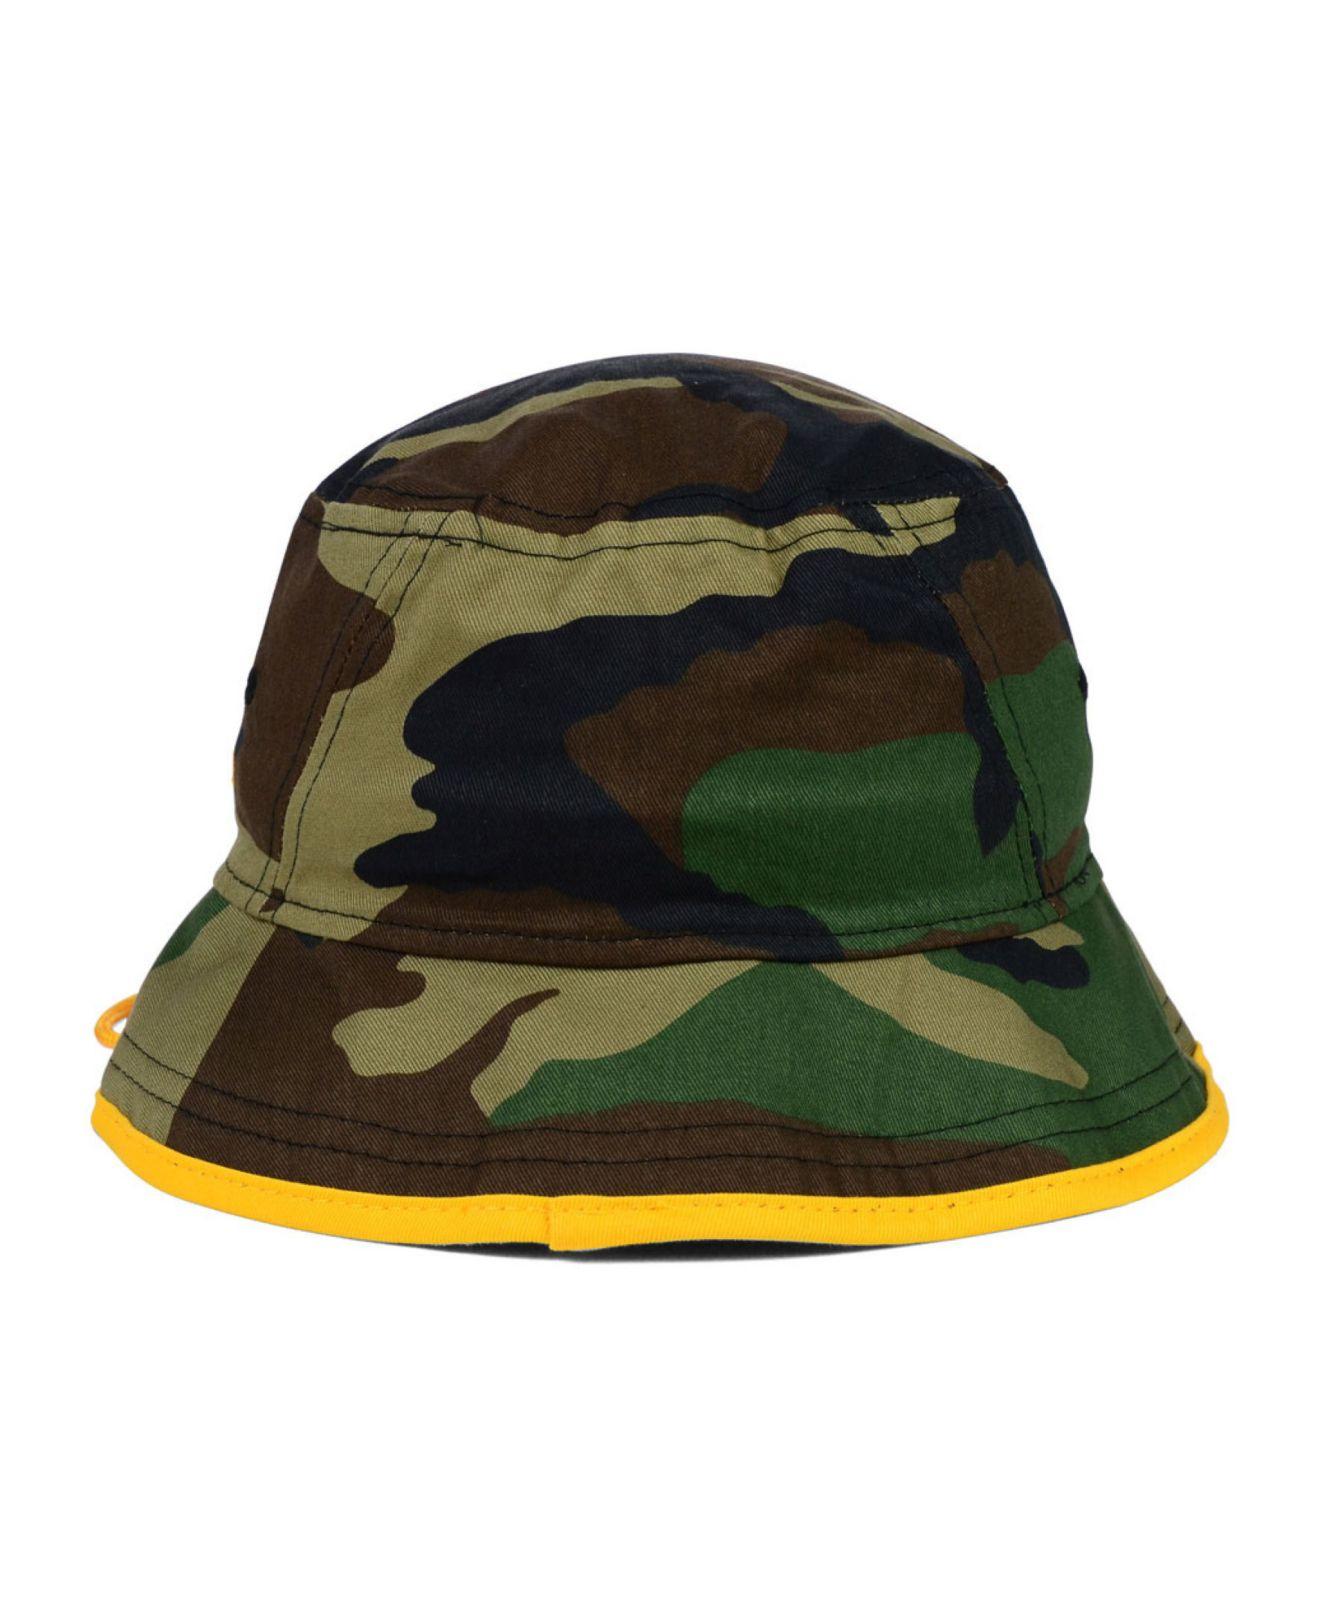 Lyst - KTZ Pittsburgh Steelers Camo Pop Bucket Hat in Green for Men b17d492c3c0